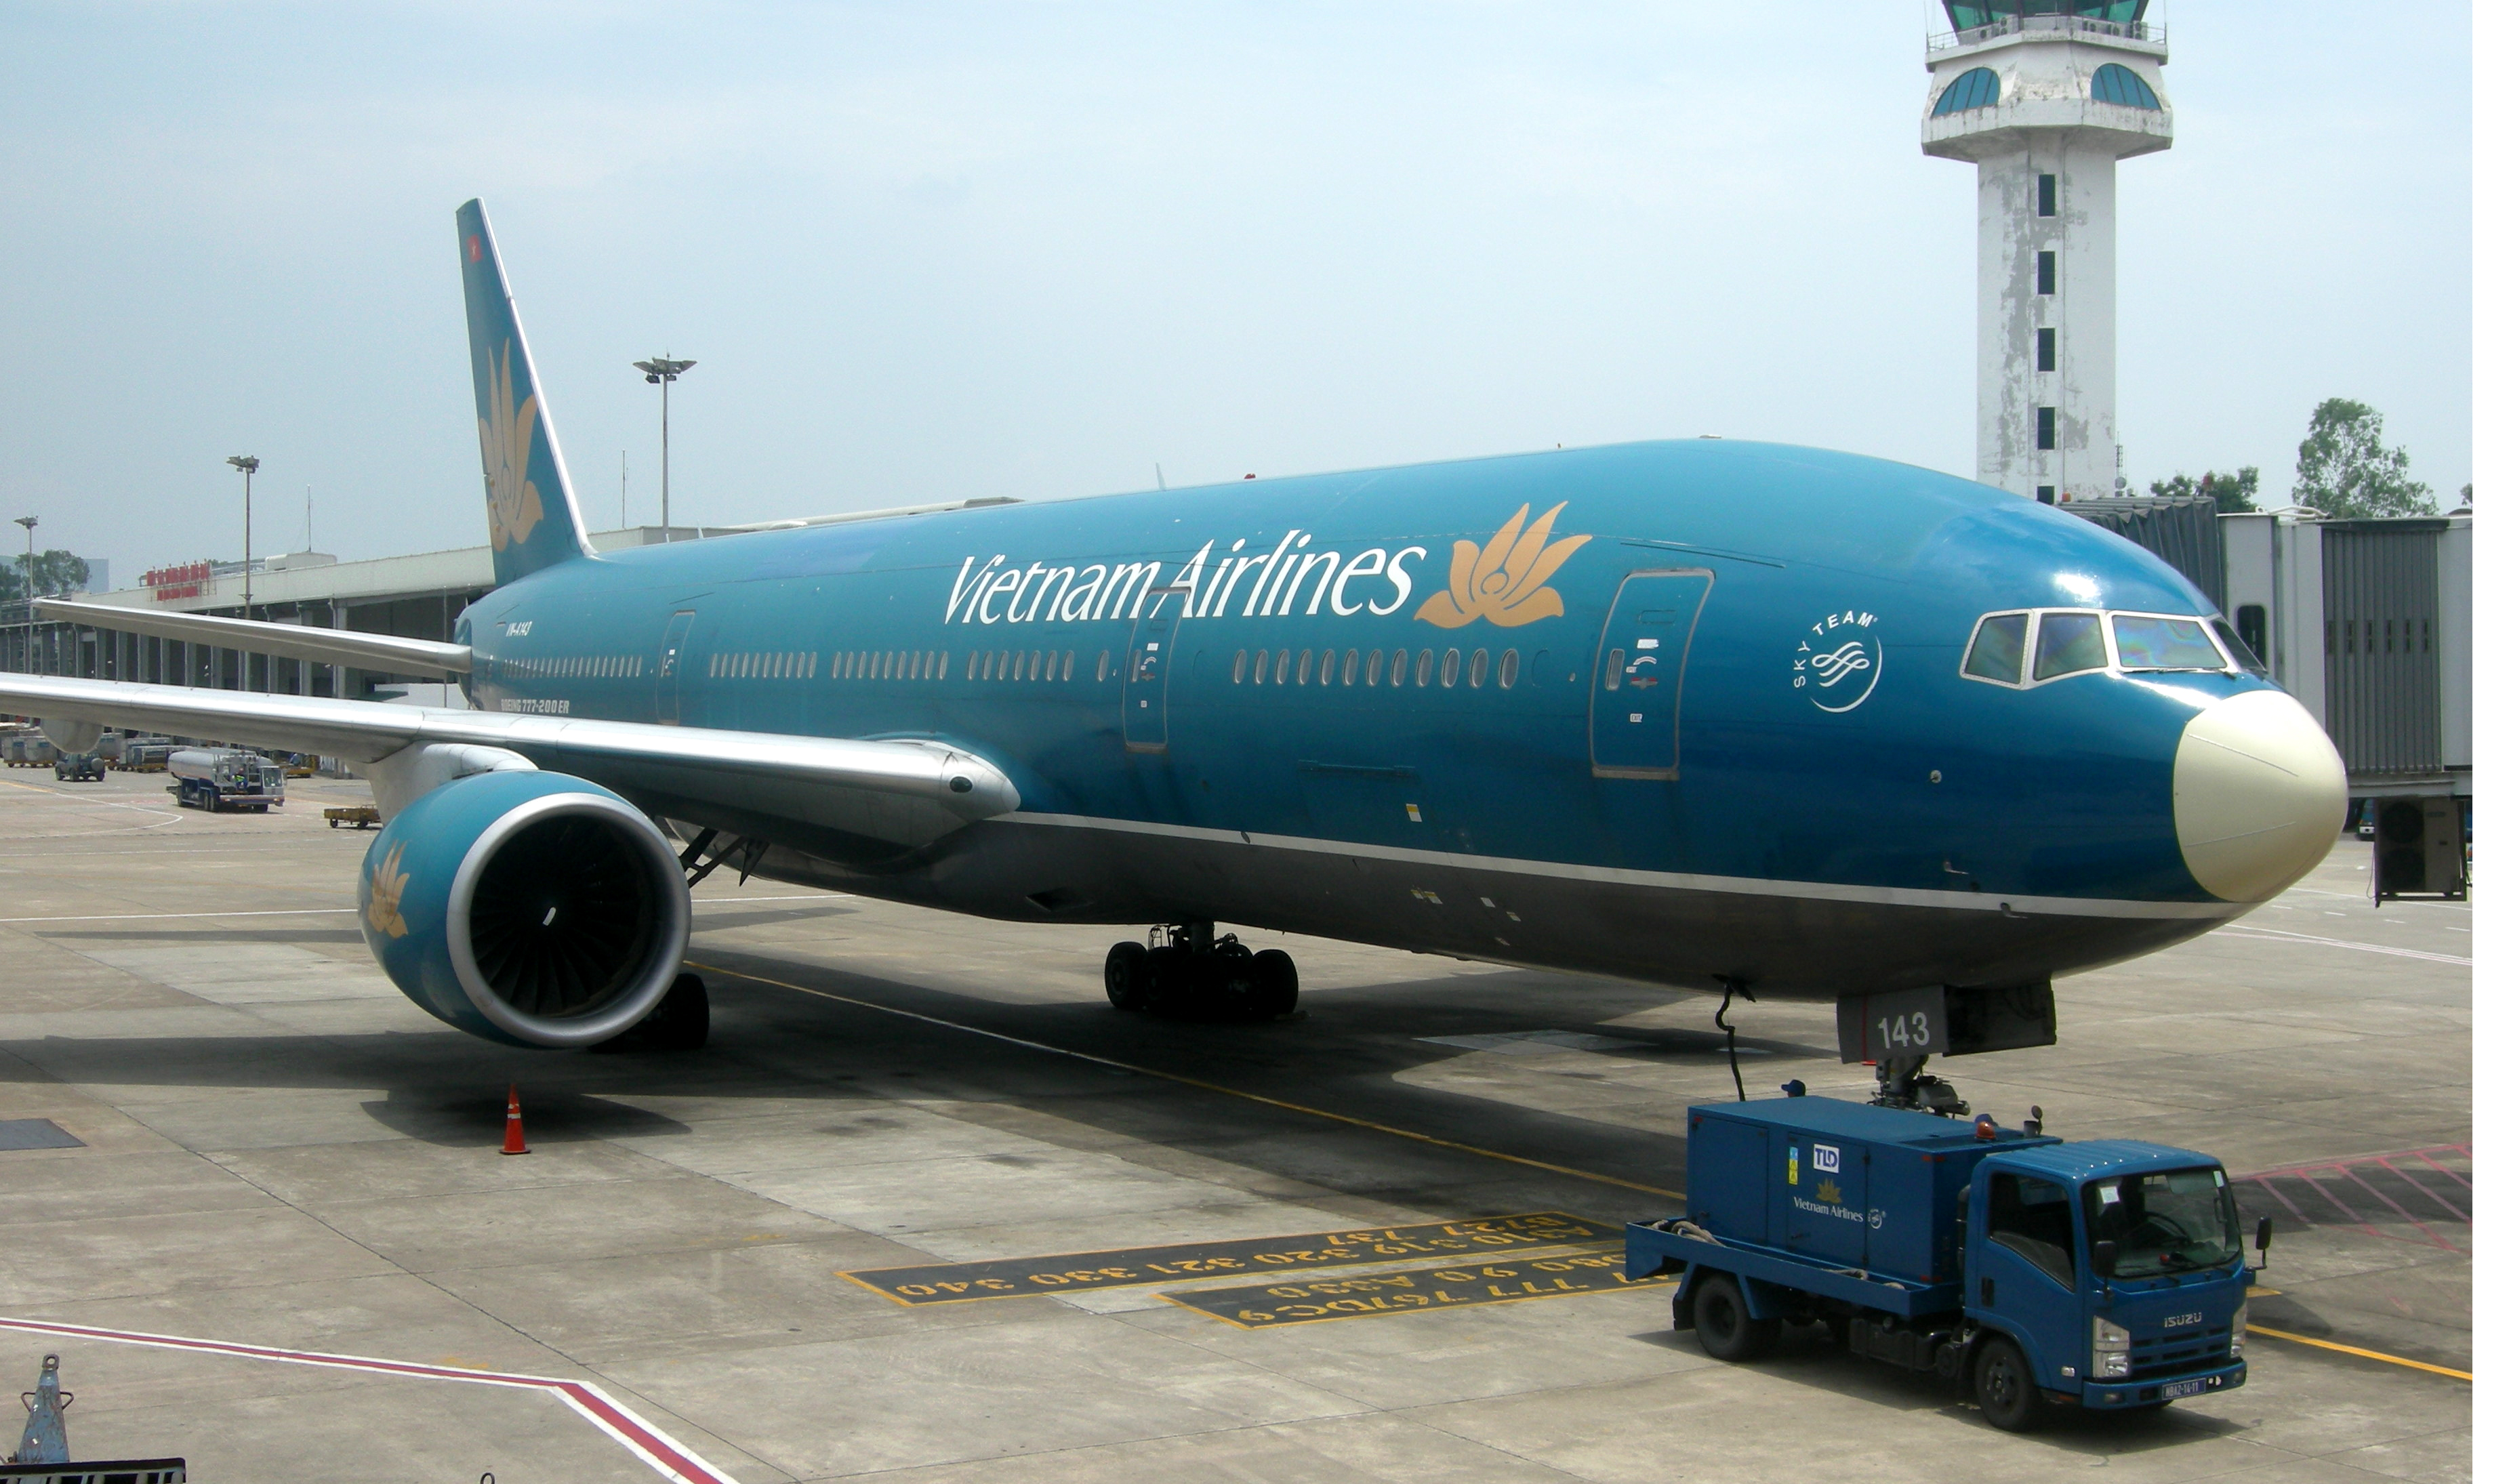 Chuẩn bị bán đấu giá 371 triệu quyền mua cổ phiếu phát hành thêm của Vietnam Airlines